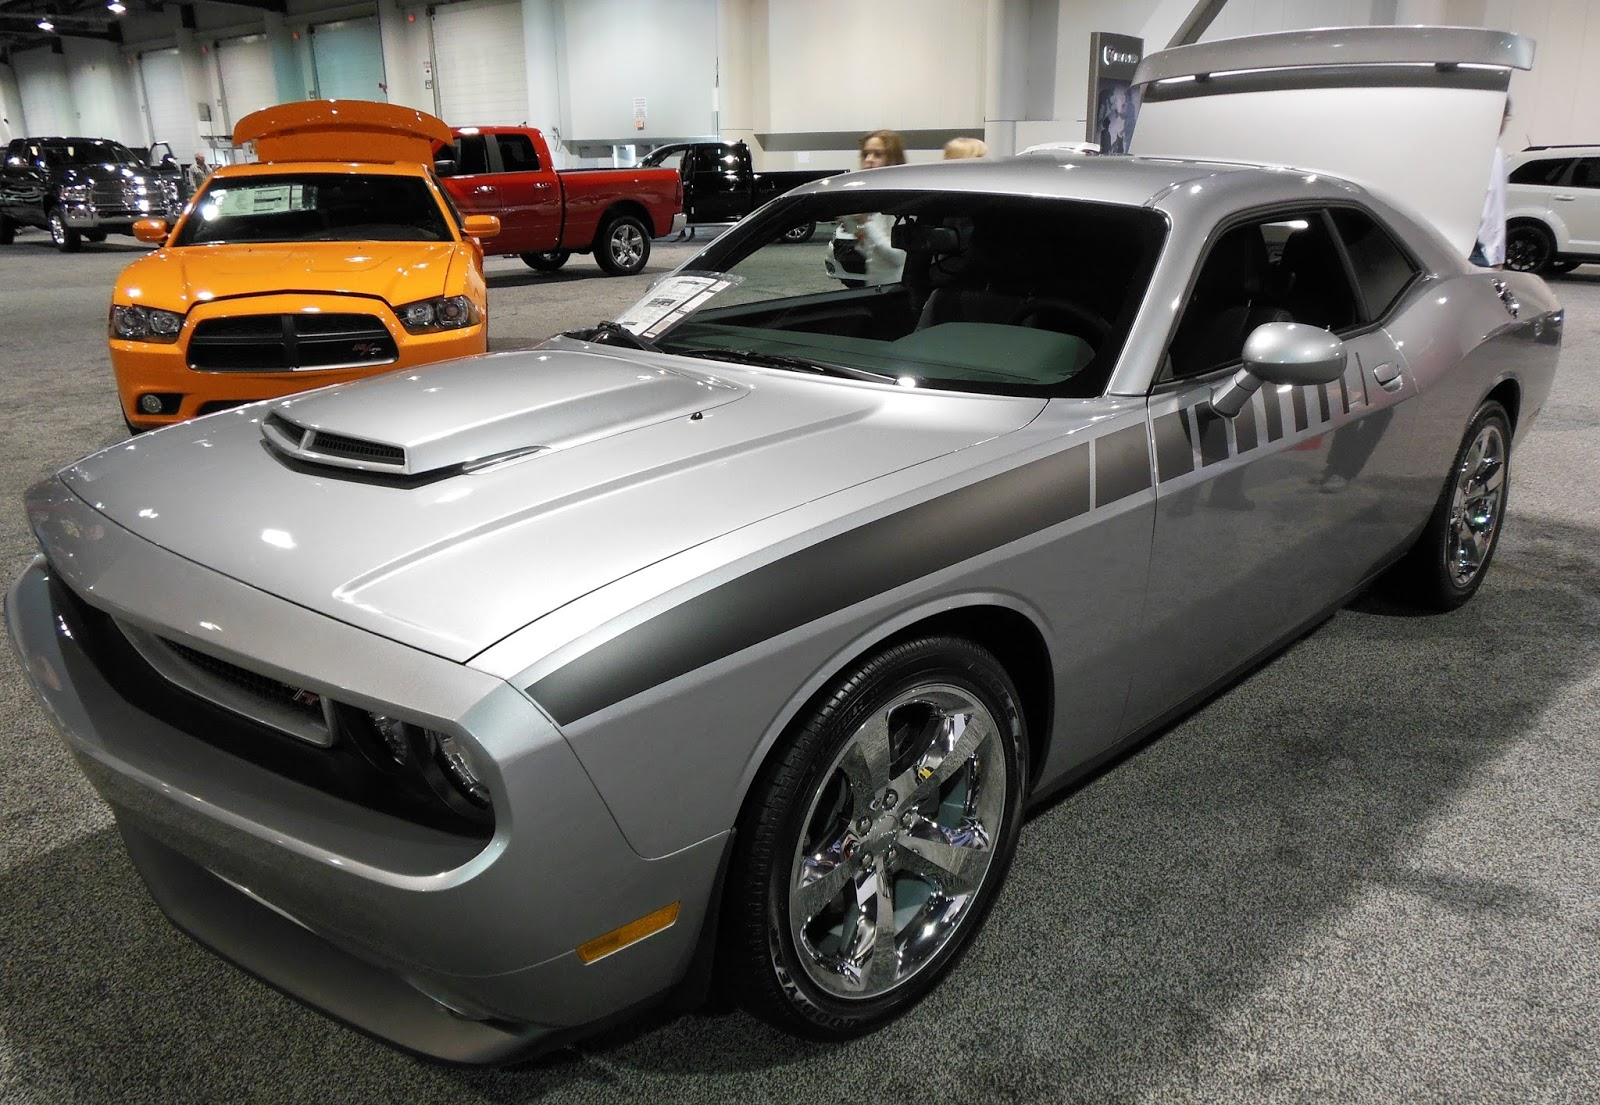 72 Chevy Vega Wagon | Mike Castiglione Automotive